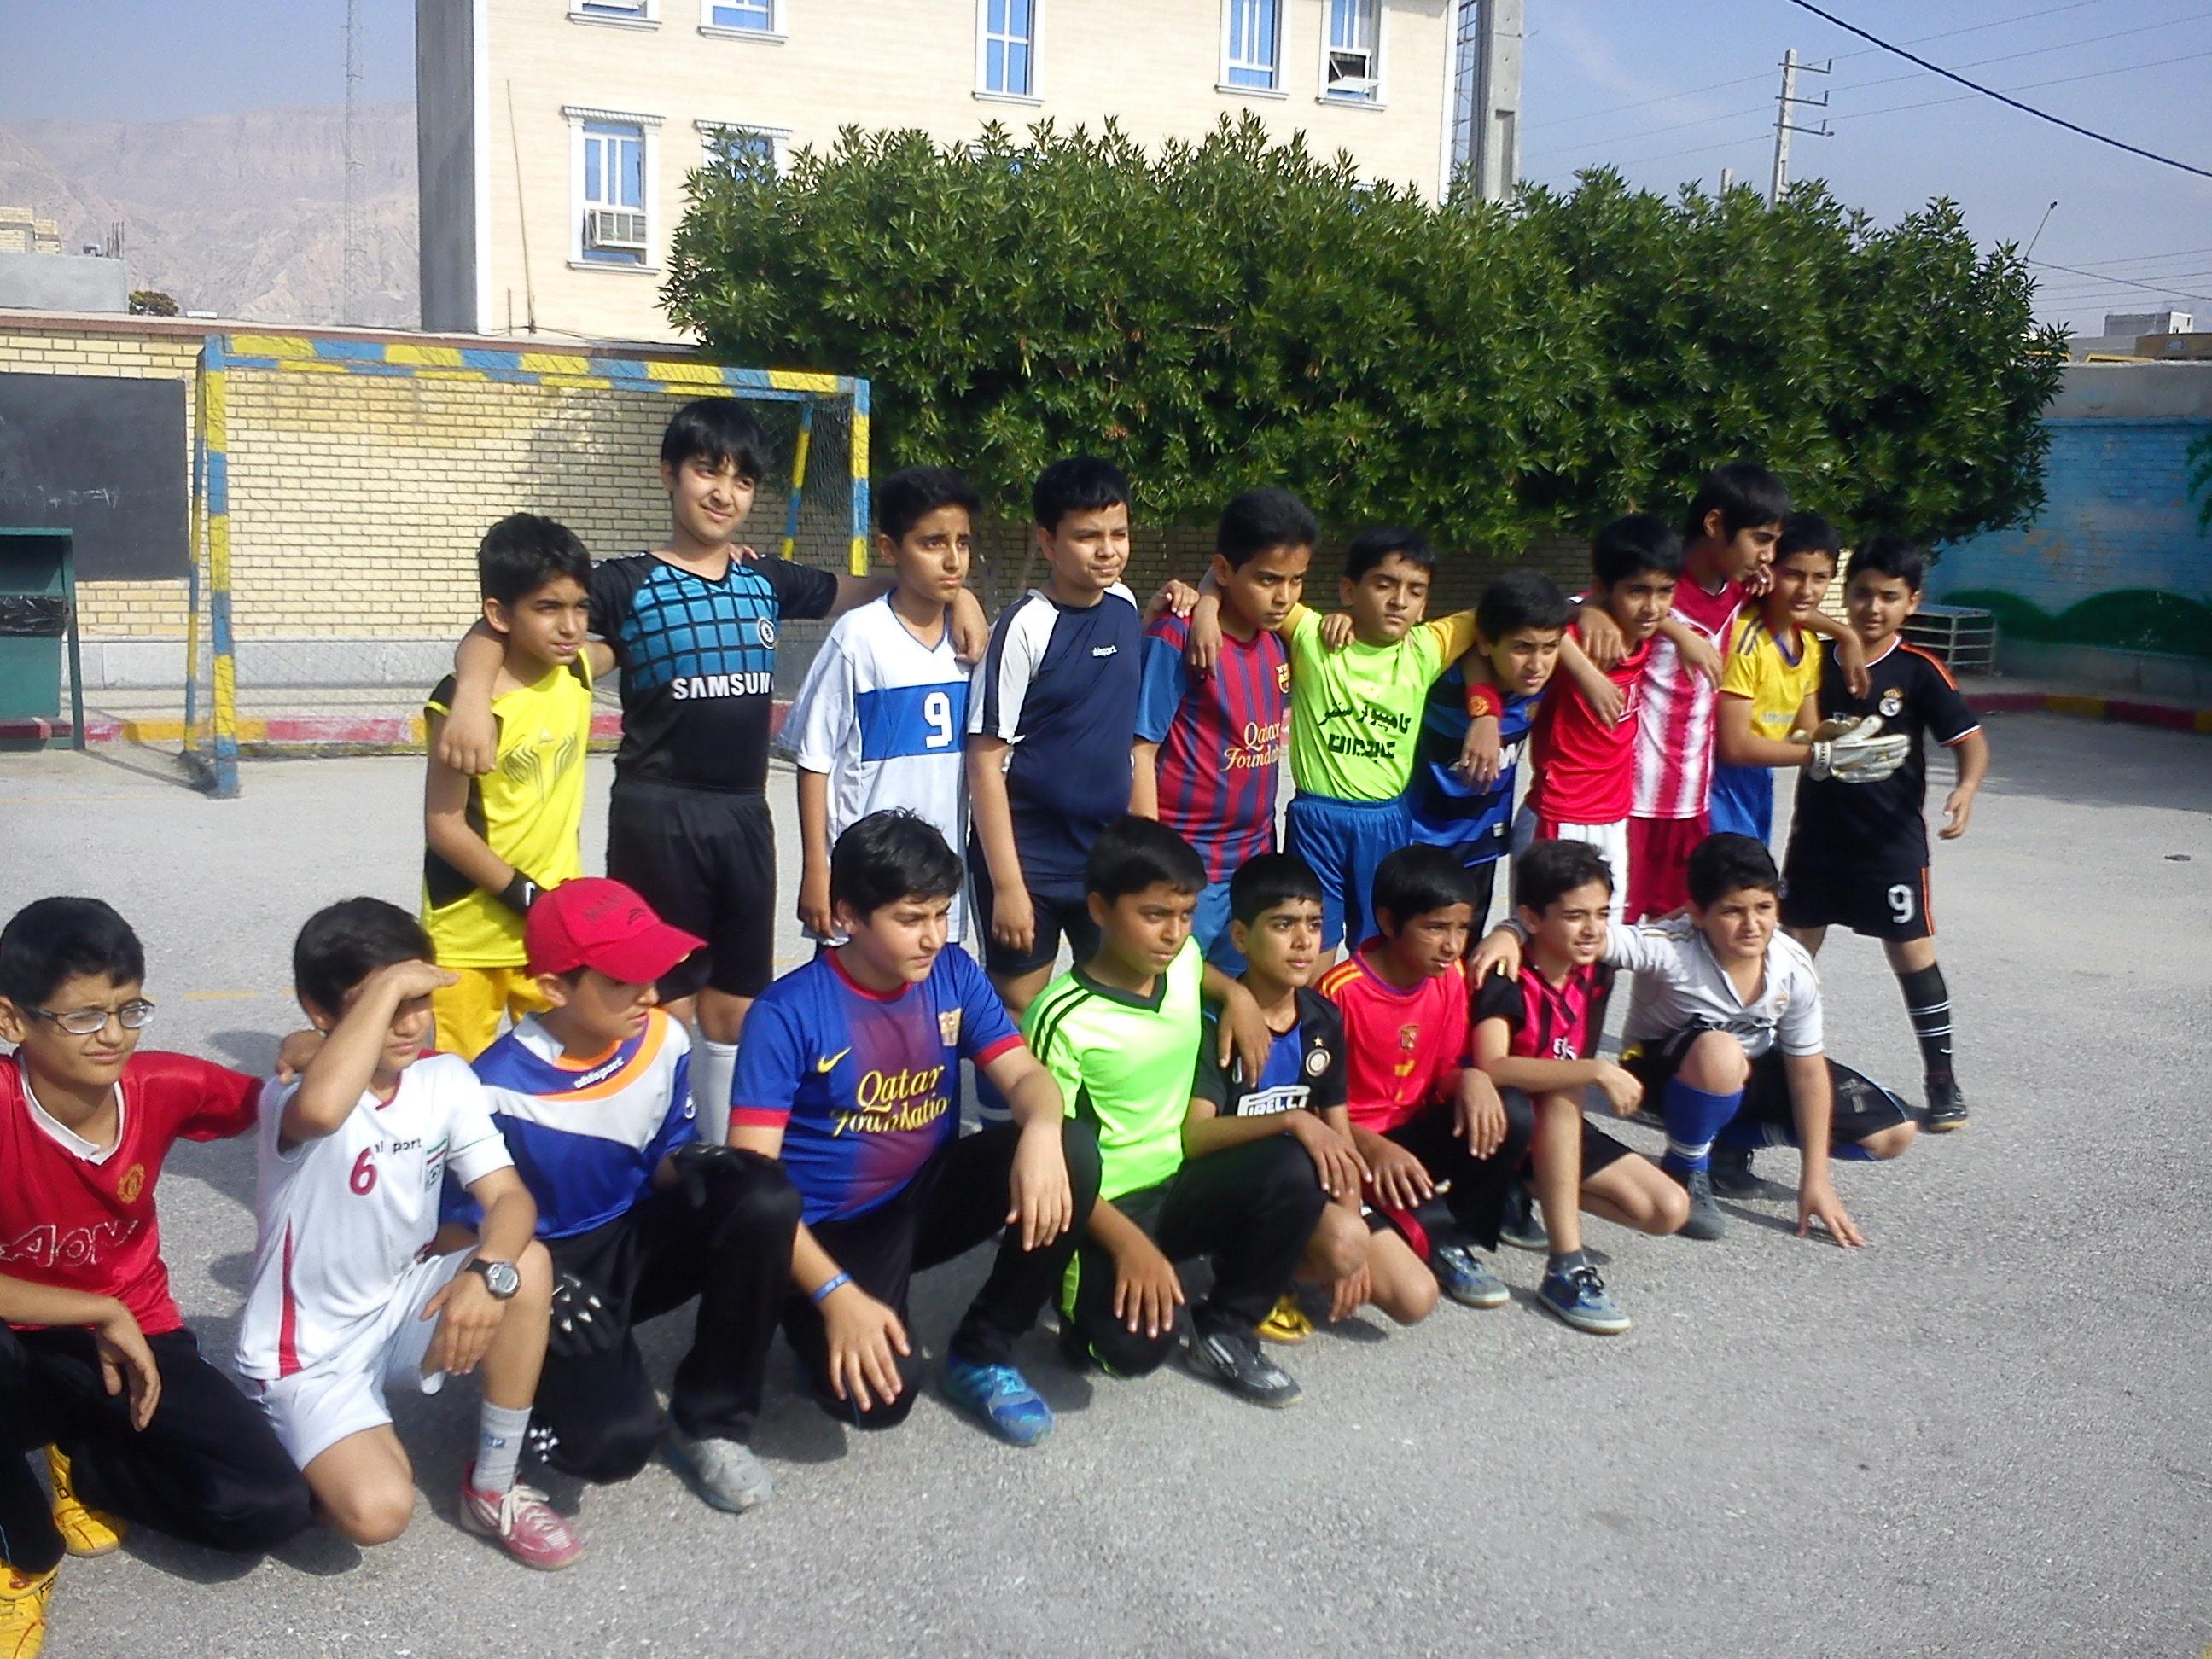 مسابقات ورزشی آموزشگاه